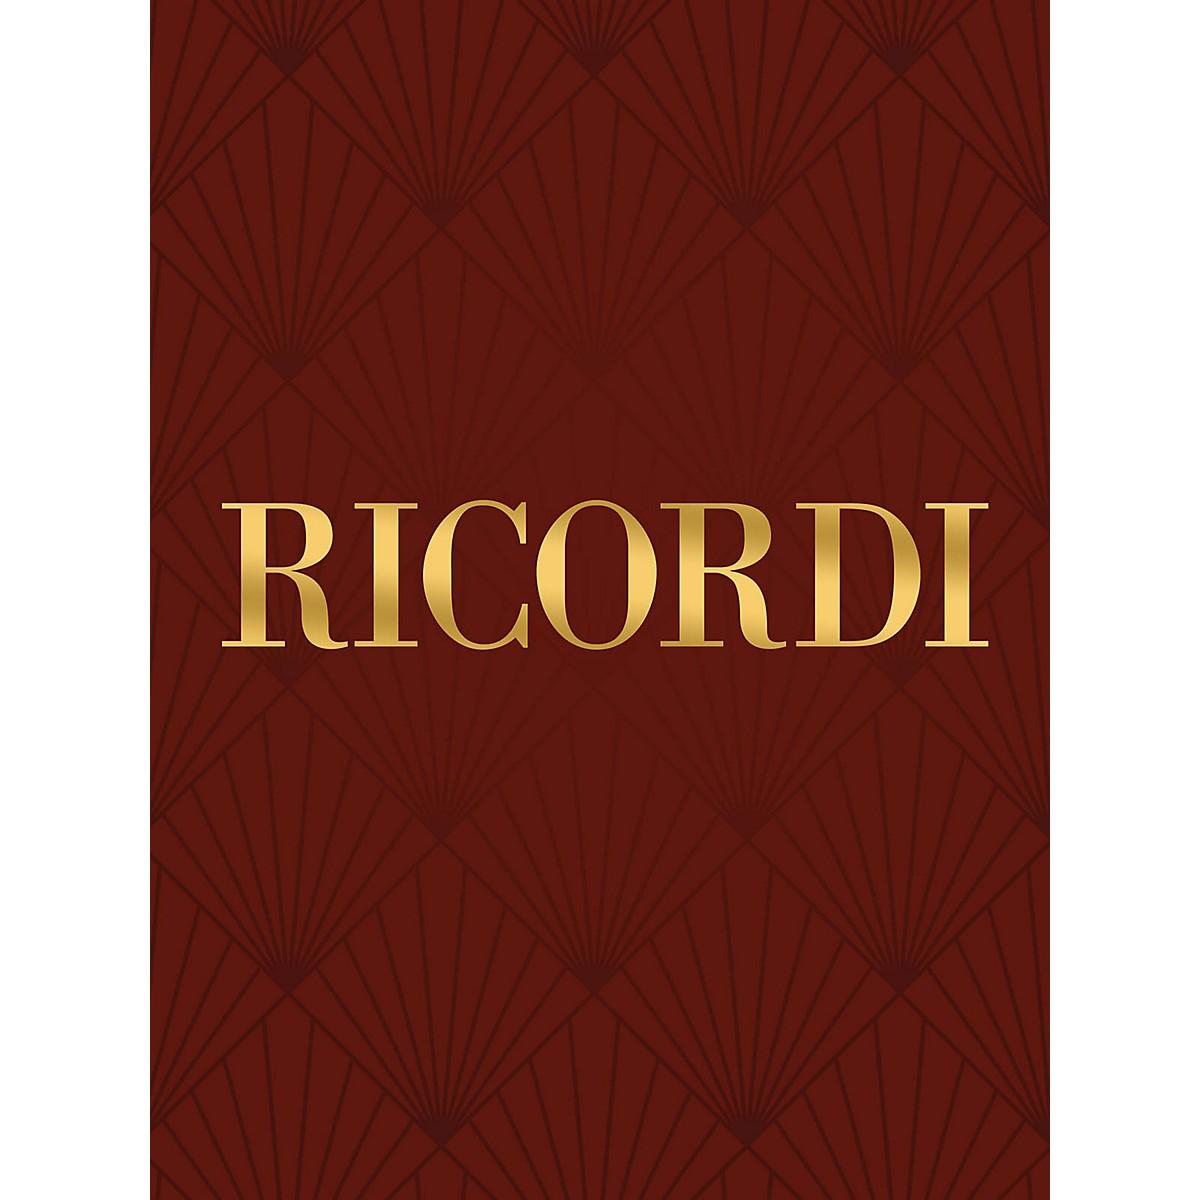 Ricordi 36 Studi, Op. 84 (Violin Method) String Method Series Composed by Charles Dancla